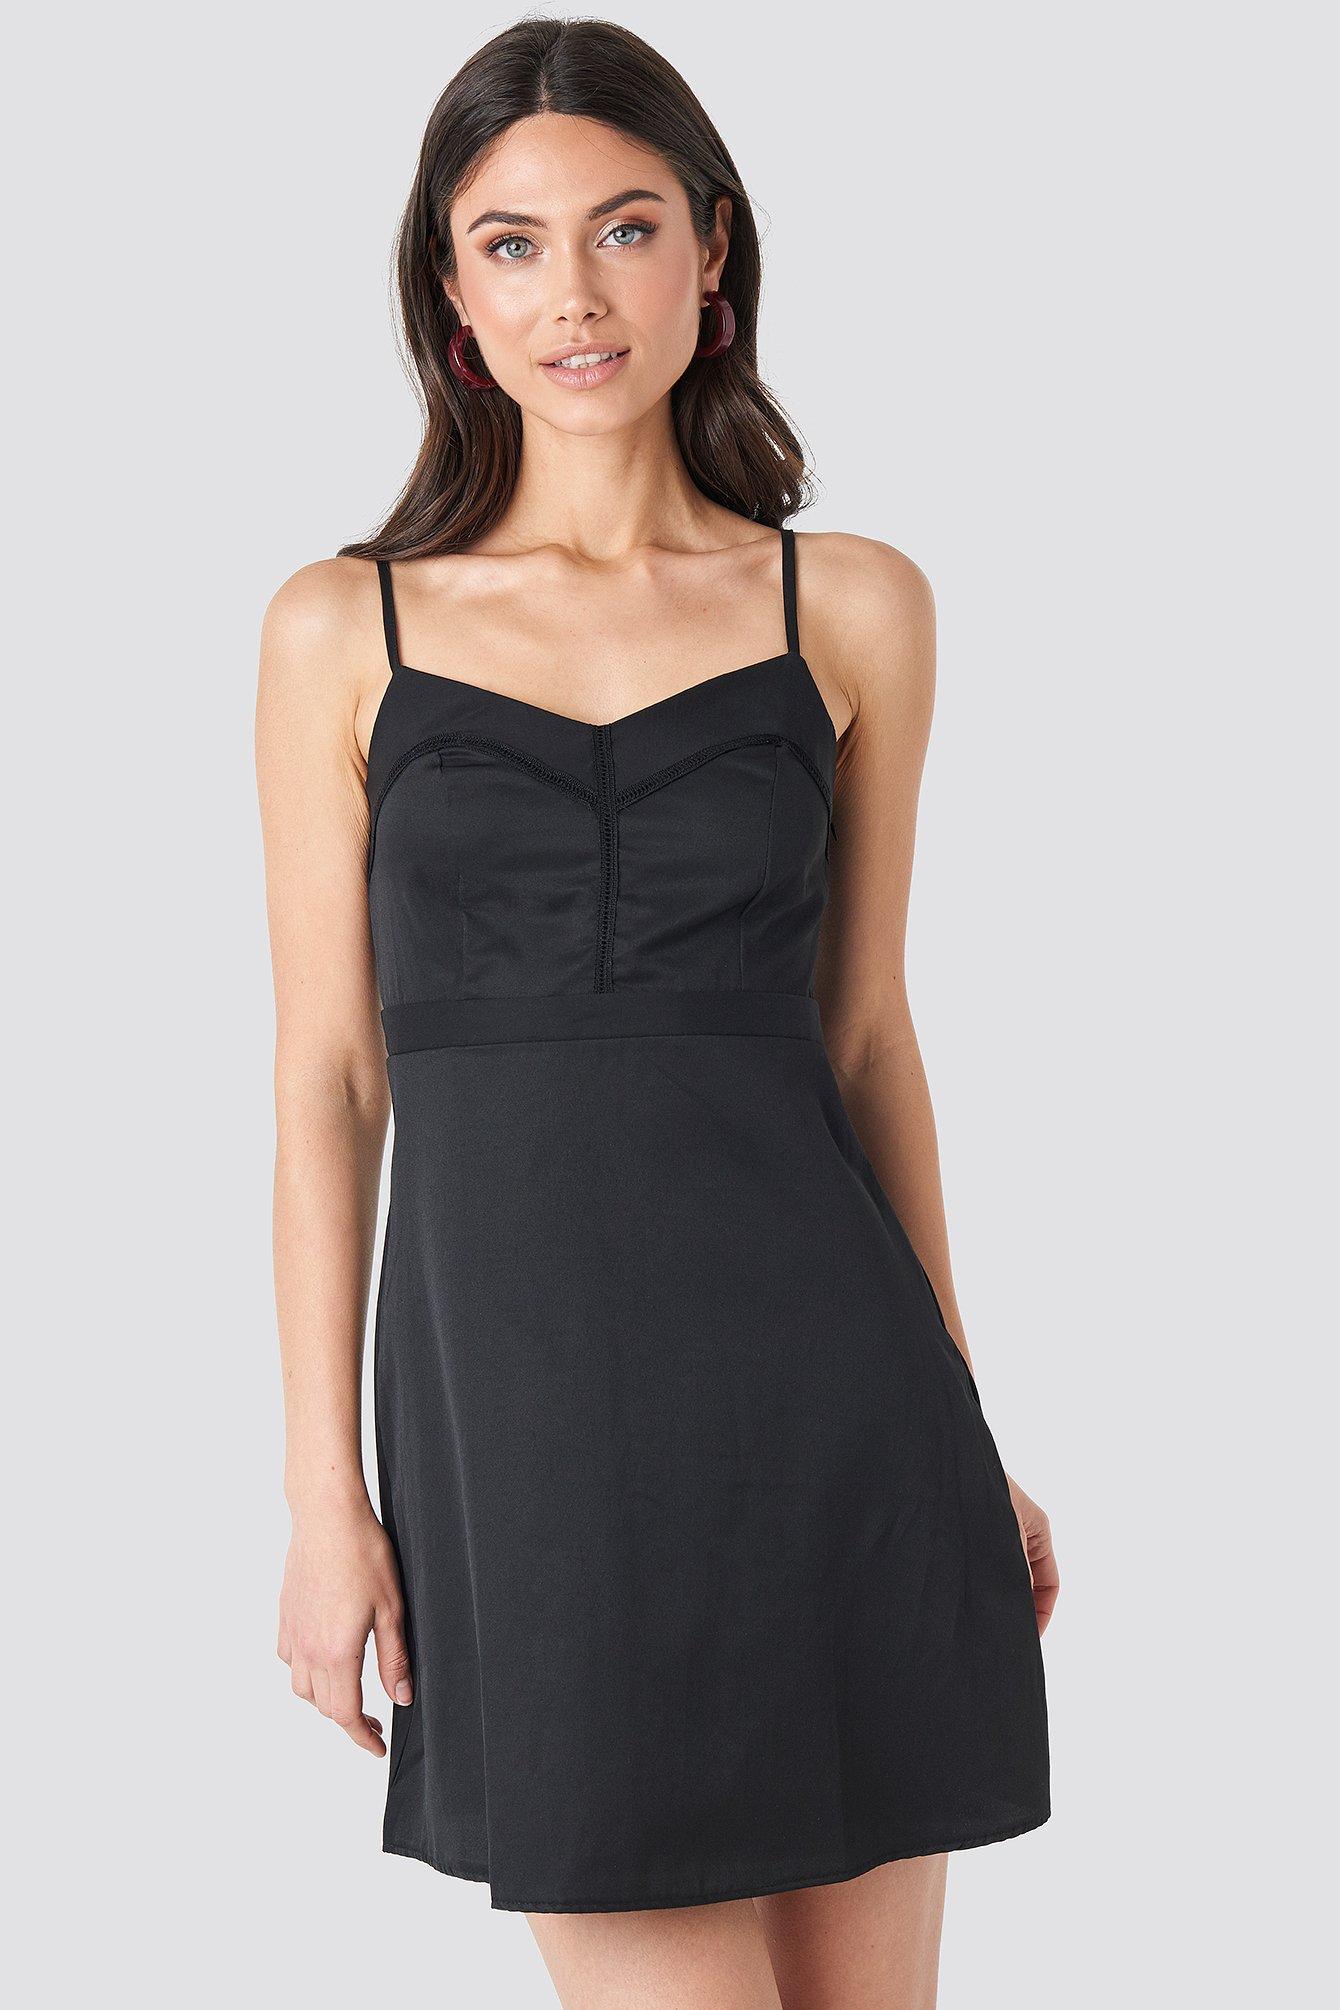 NA-KD Boho Lace Insert Mini Dress - Black